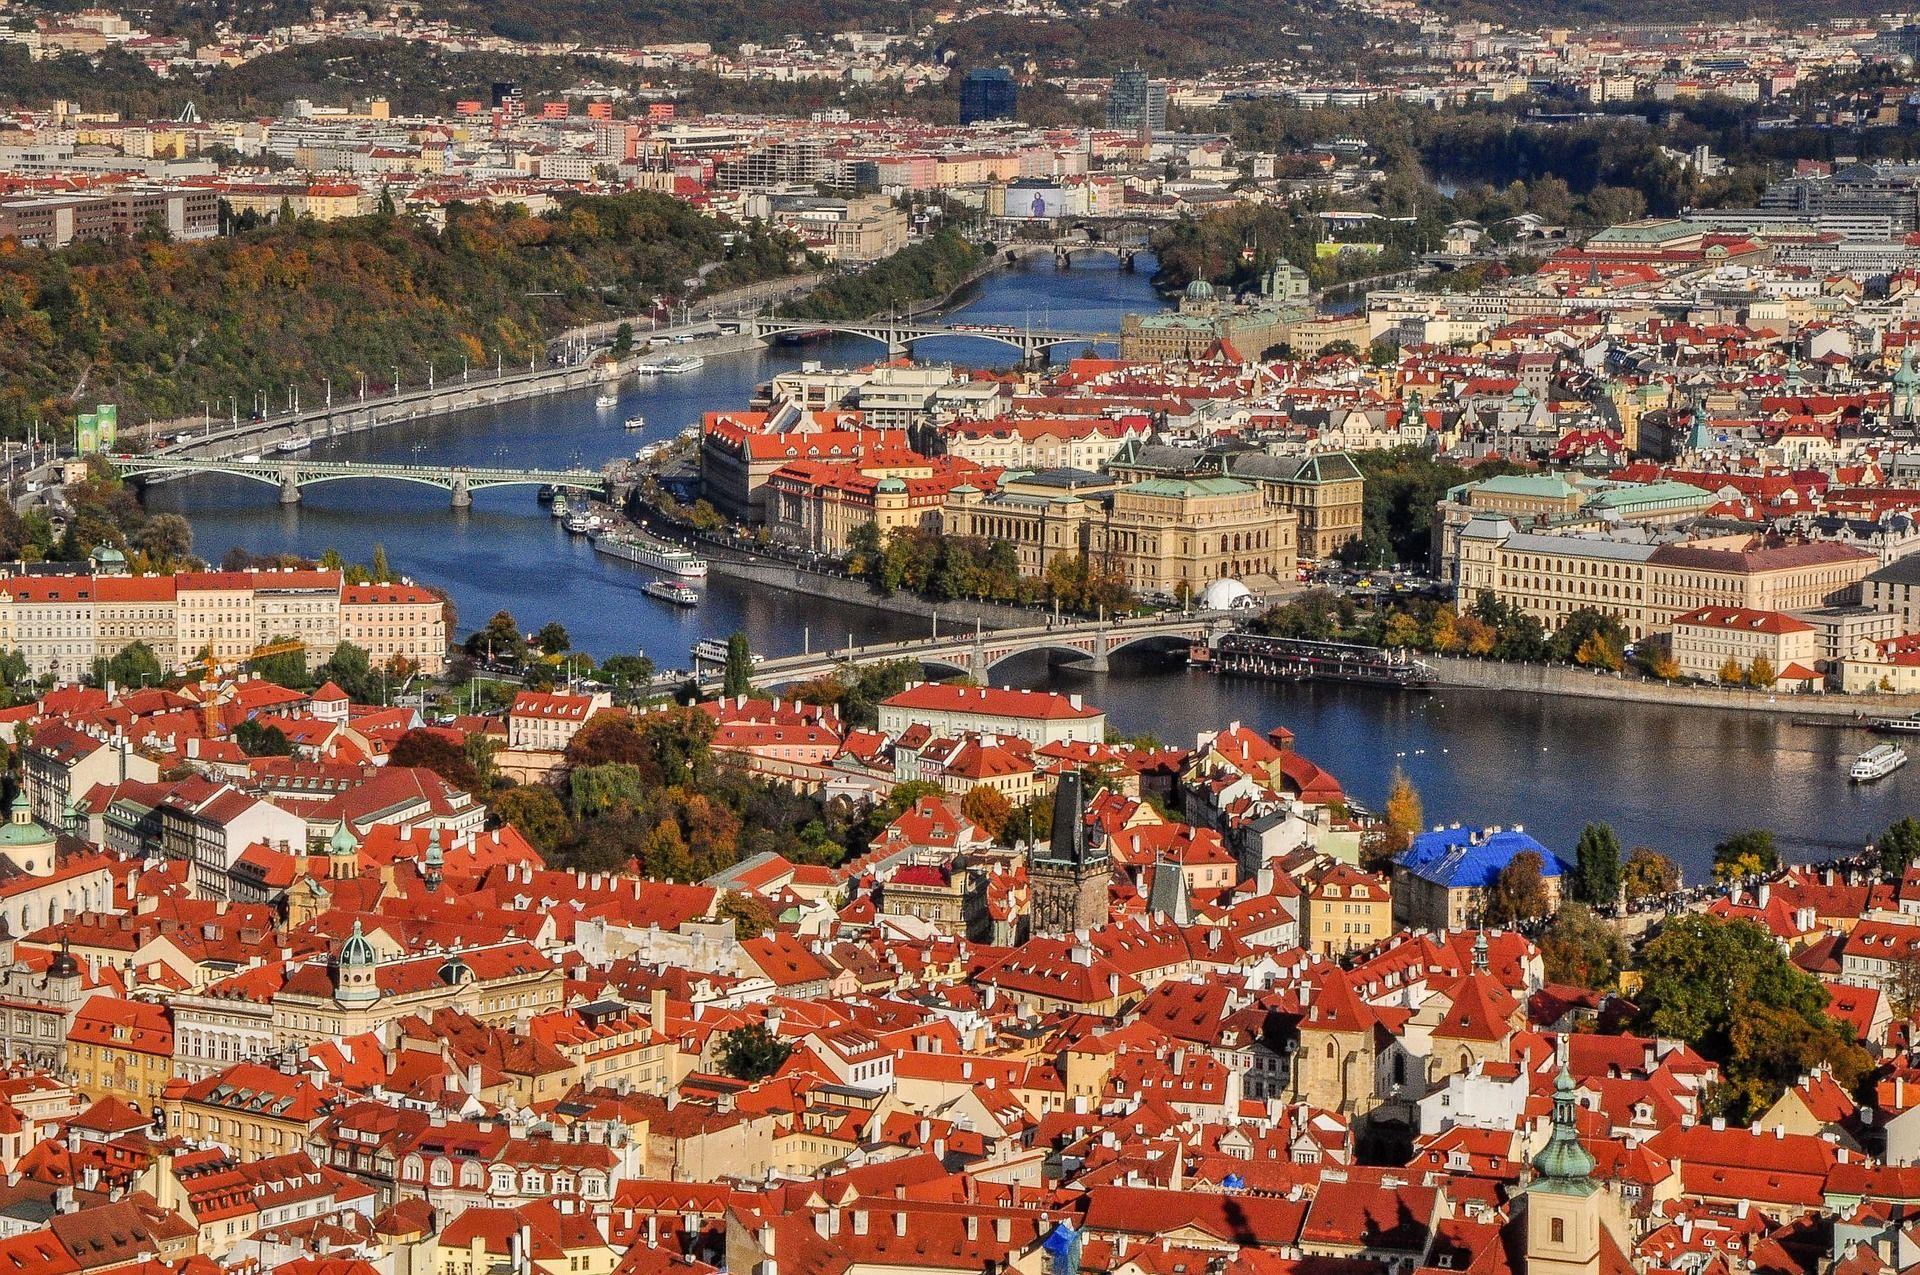 【遇見2021深度歐洲系列】捷克&波蘭波西米亞文化10日(不含機票)